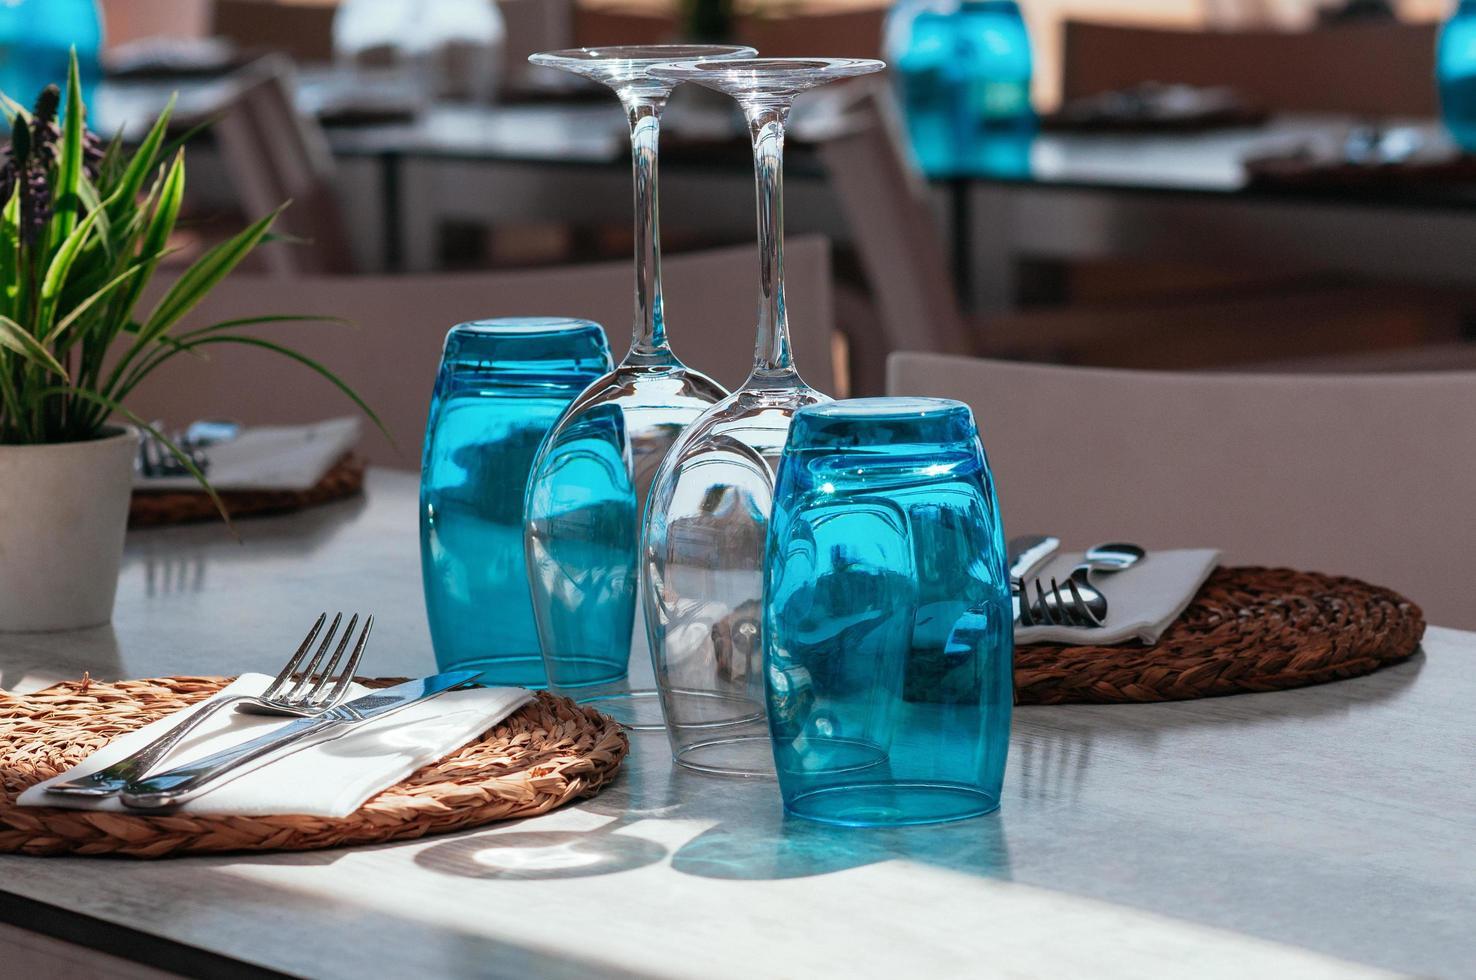 tavolo blu installazione al ristorante o al bar all'aperto foto